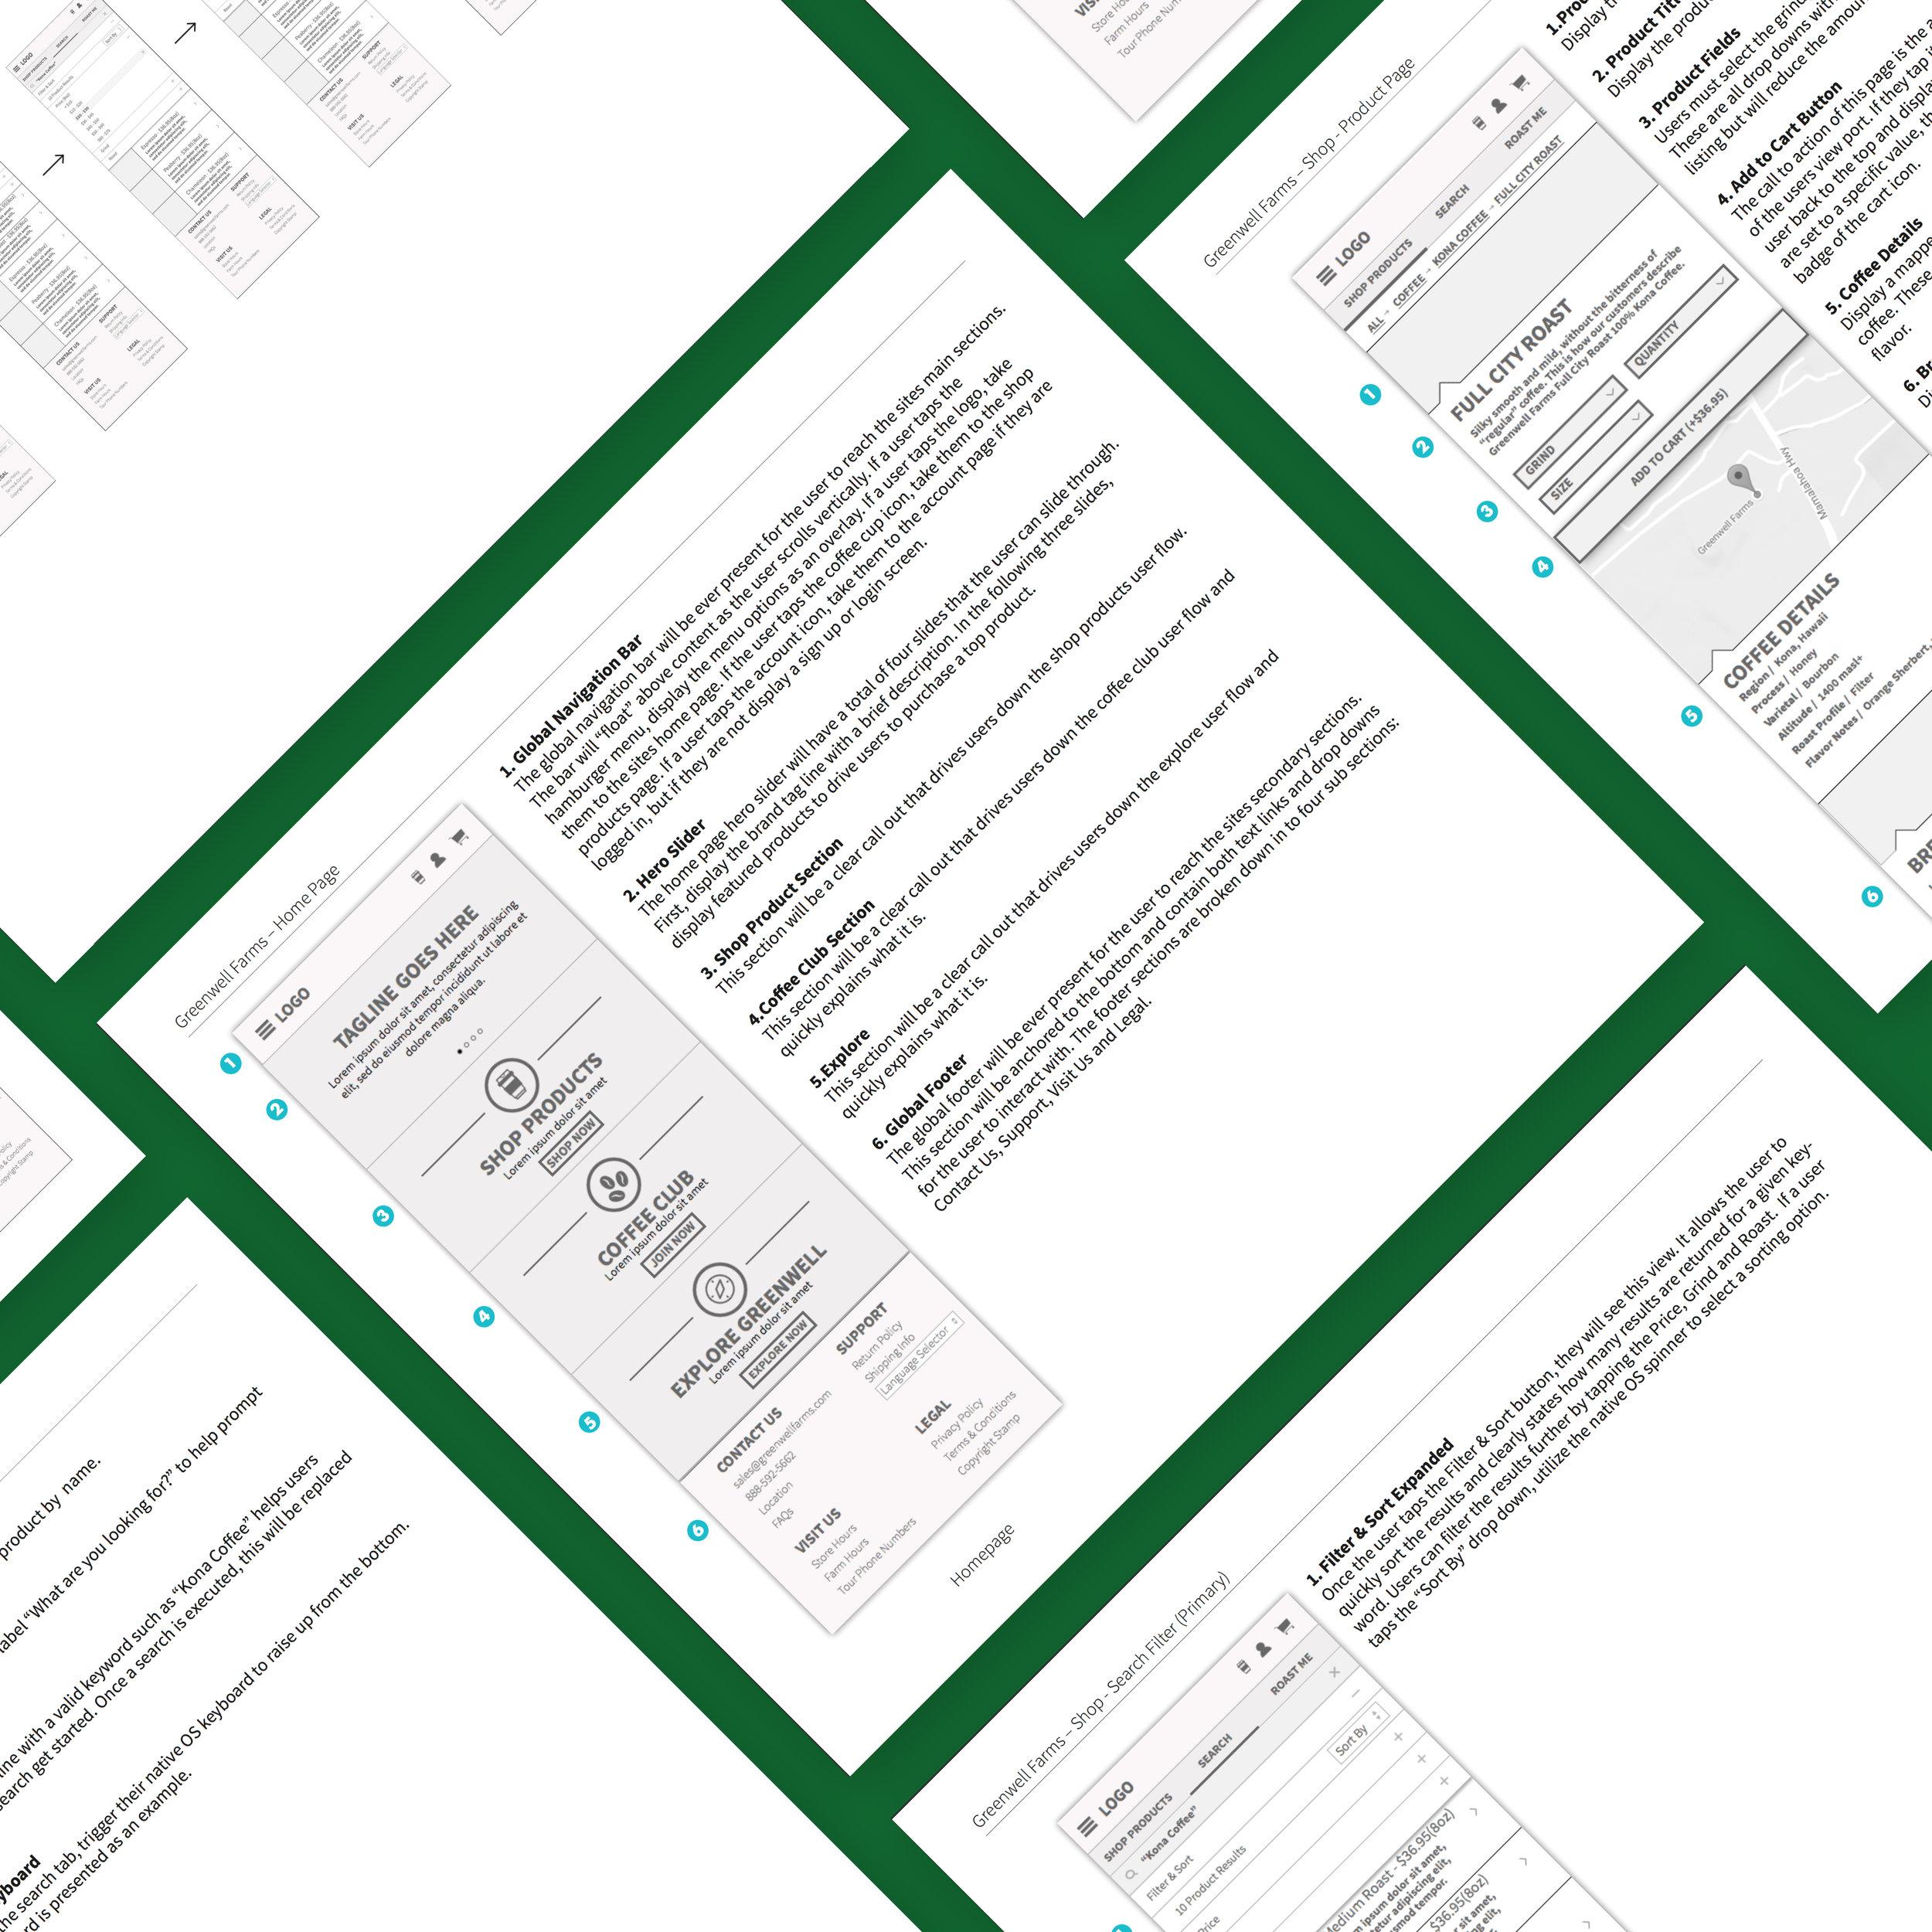 Greenwell_Presentation.jpg